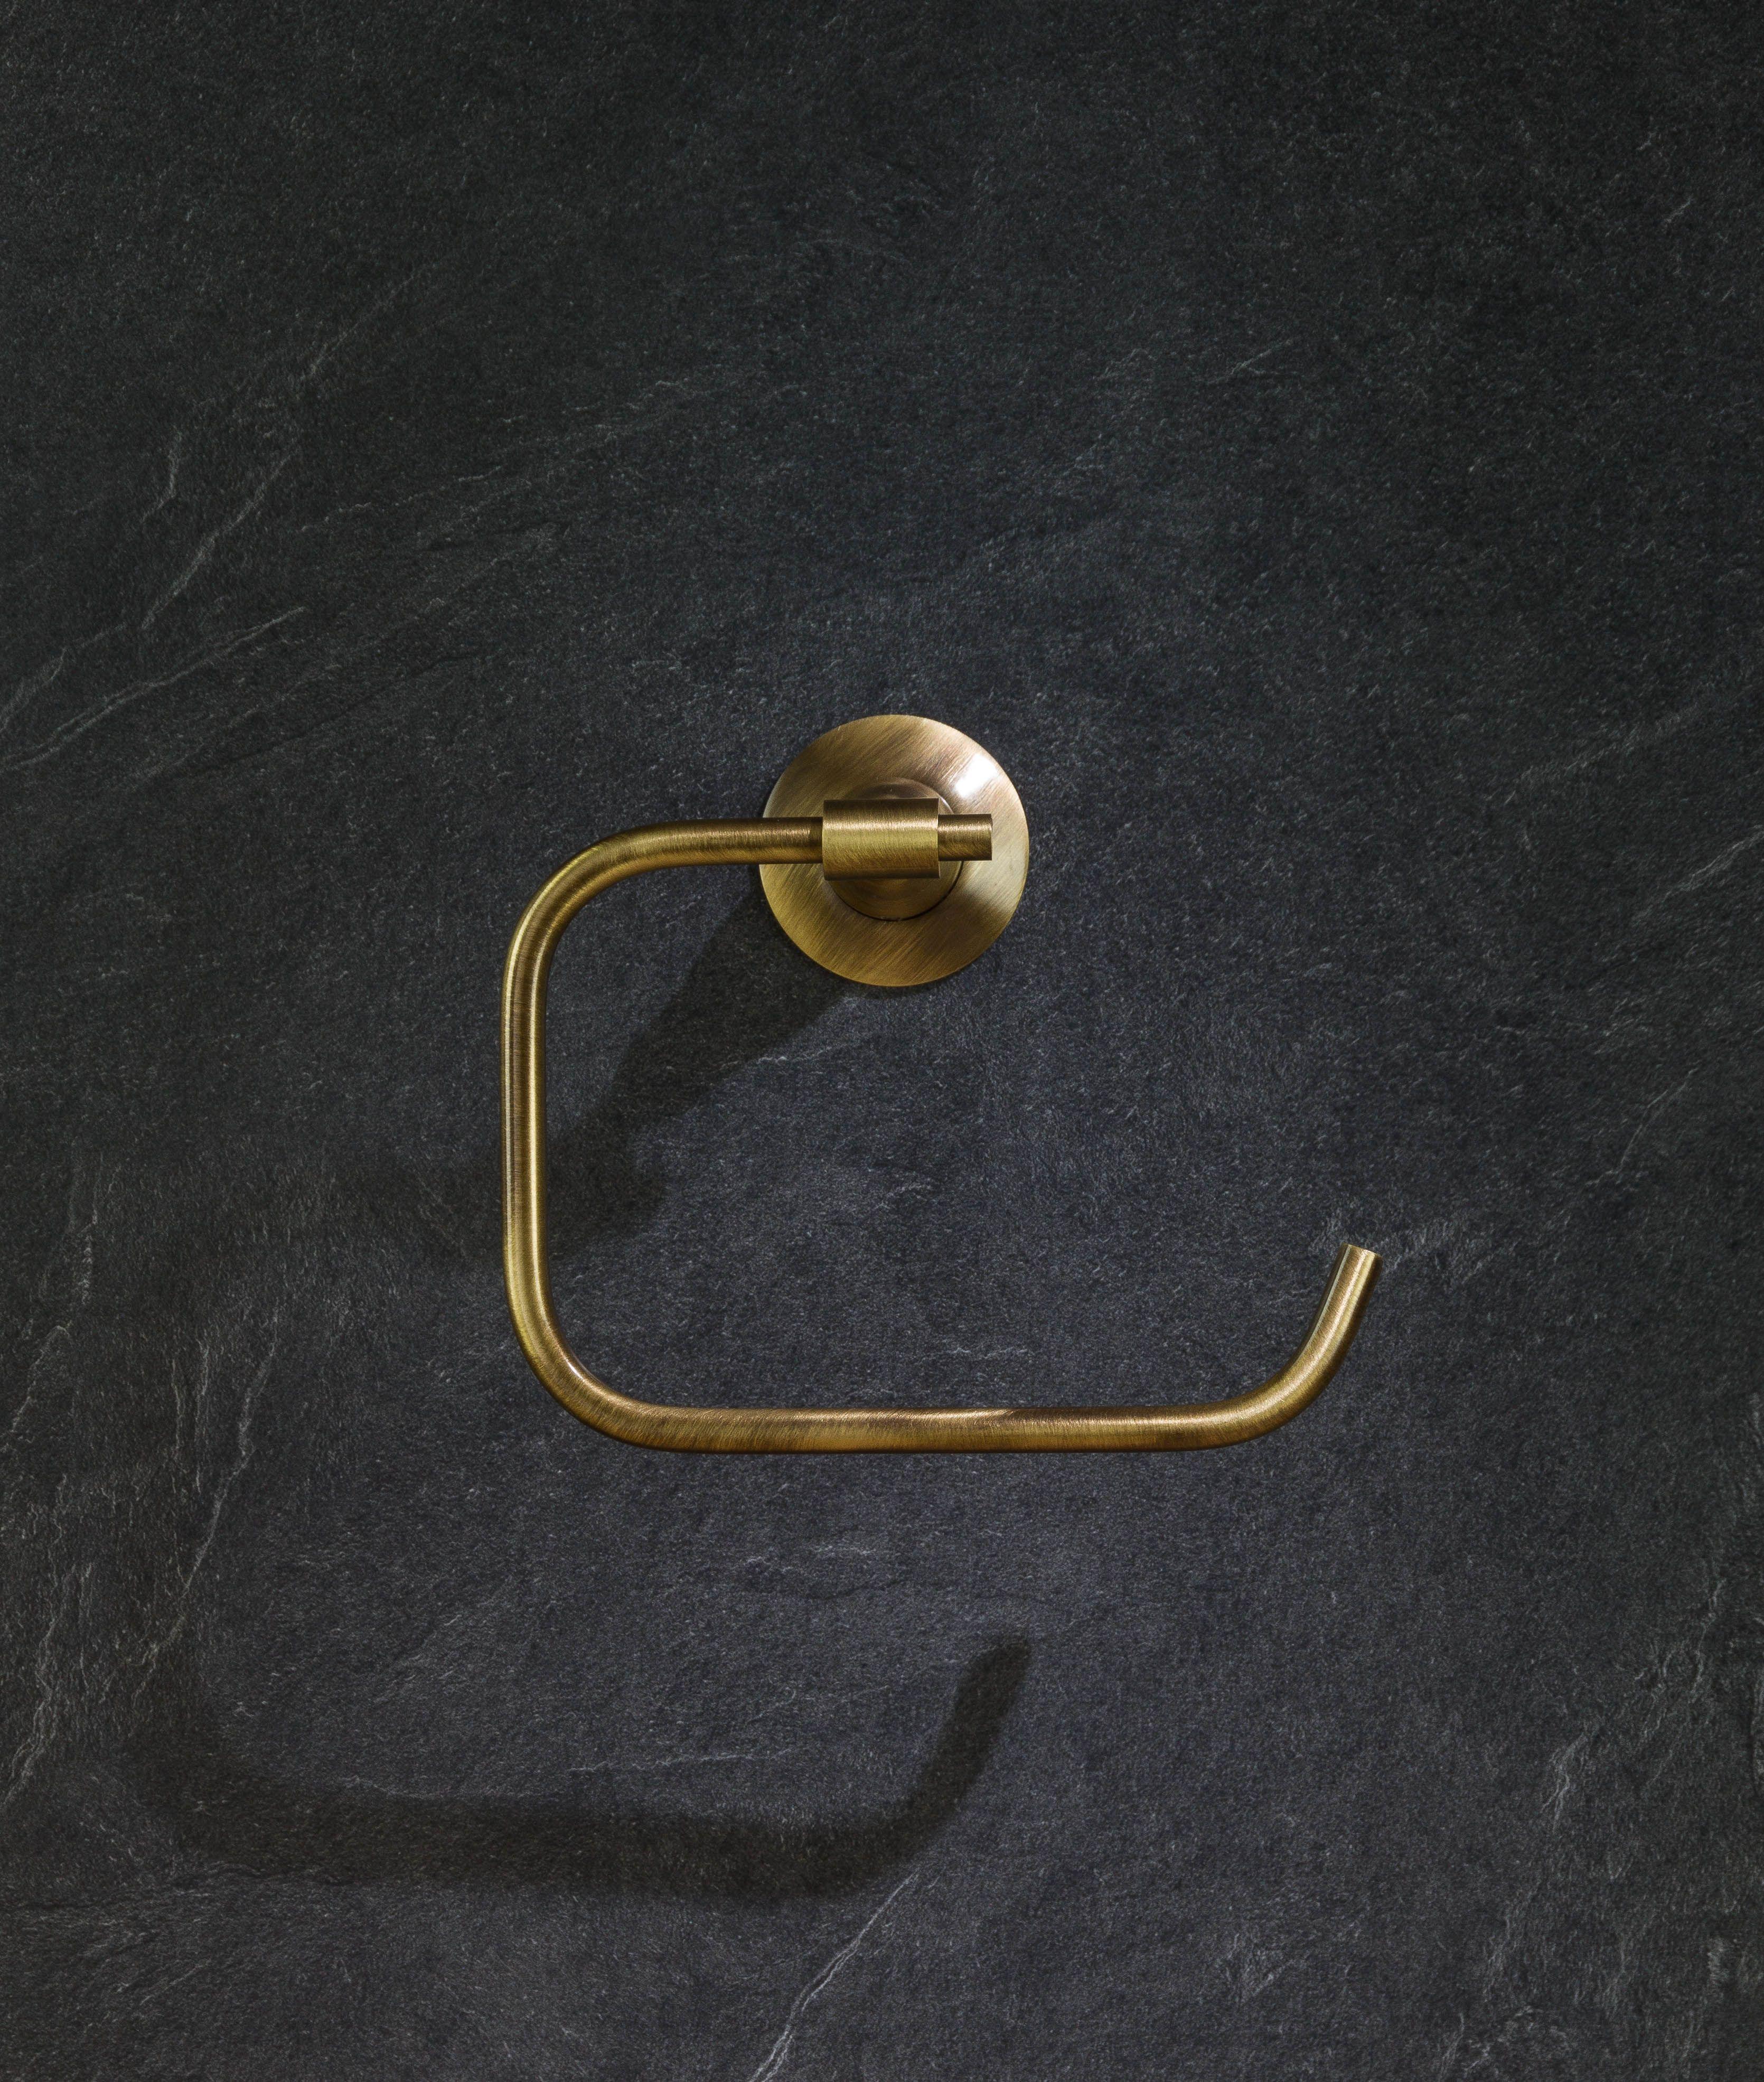 White Salle De Bain Toilet Brush /& Holder Discreet Ceramic Bathroom Set